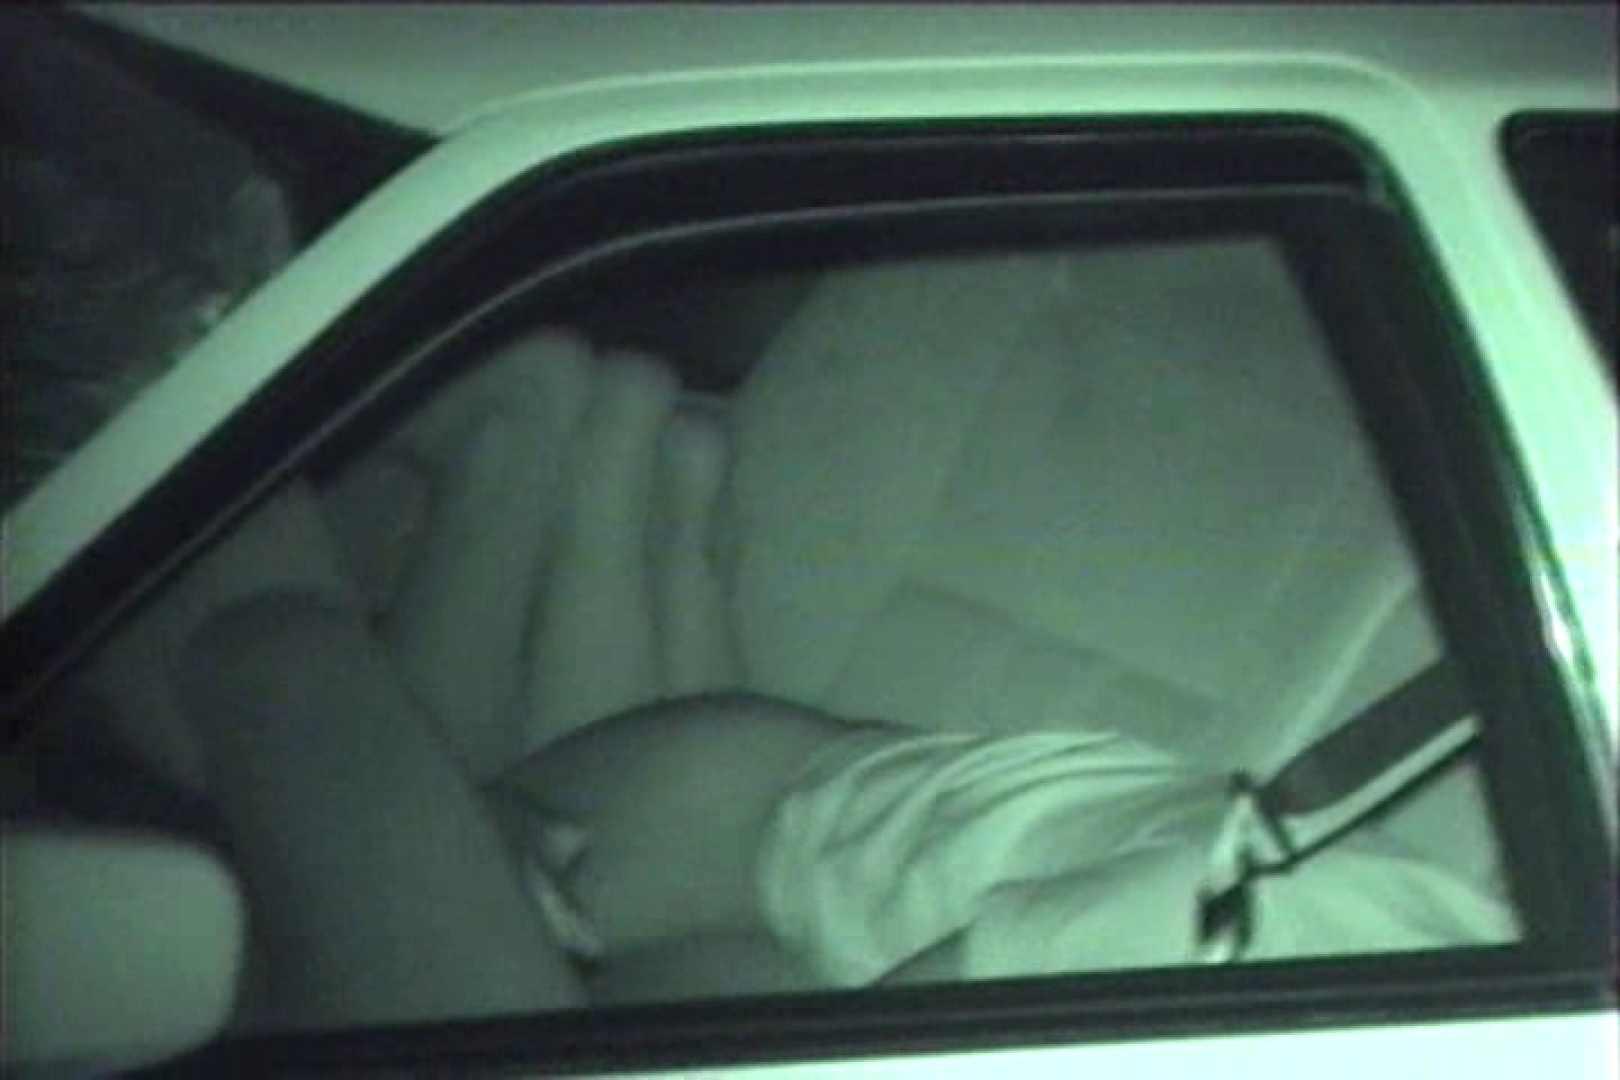 車の中はラブホテル 無修正版  Vol.17 ホテル  104連発 72